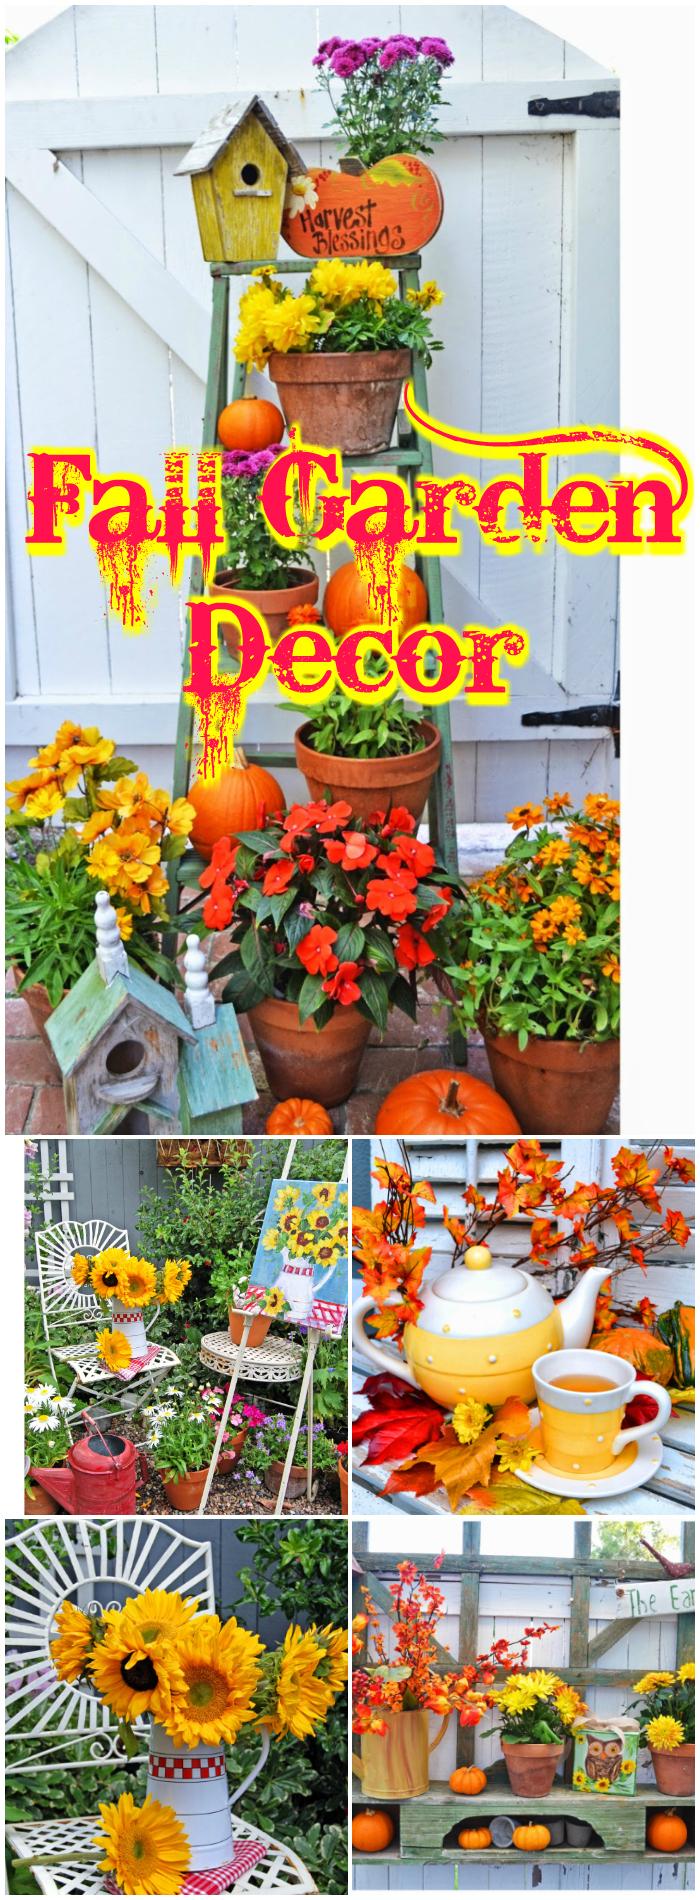 Fall Garden Decor